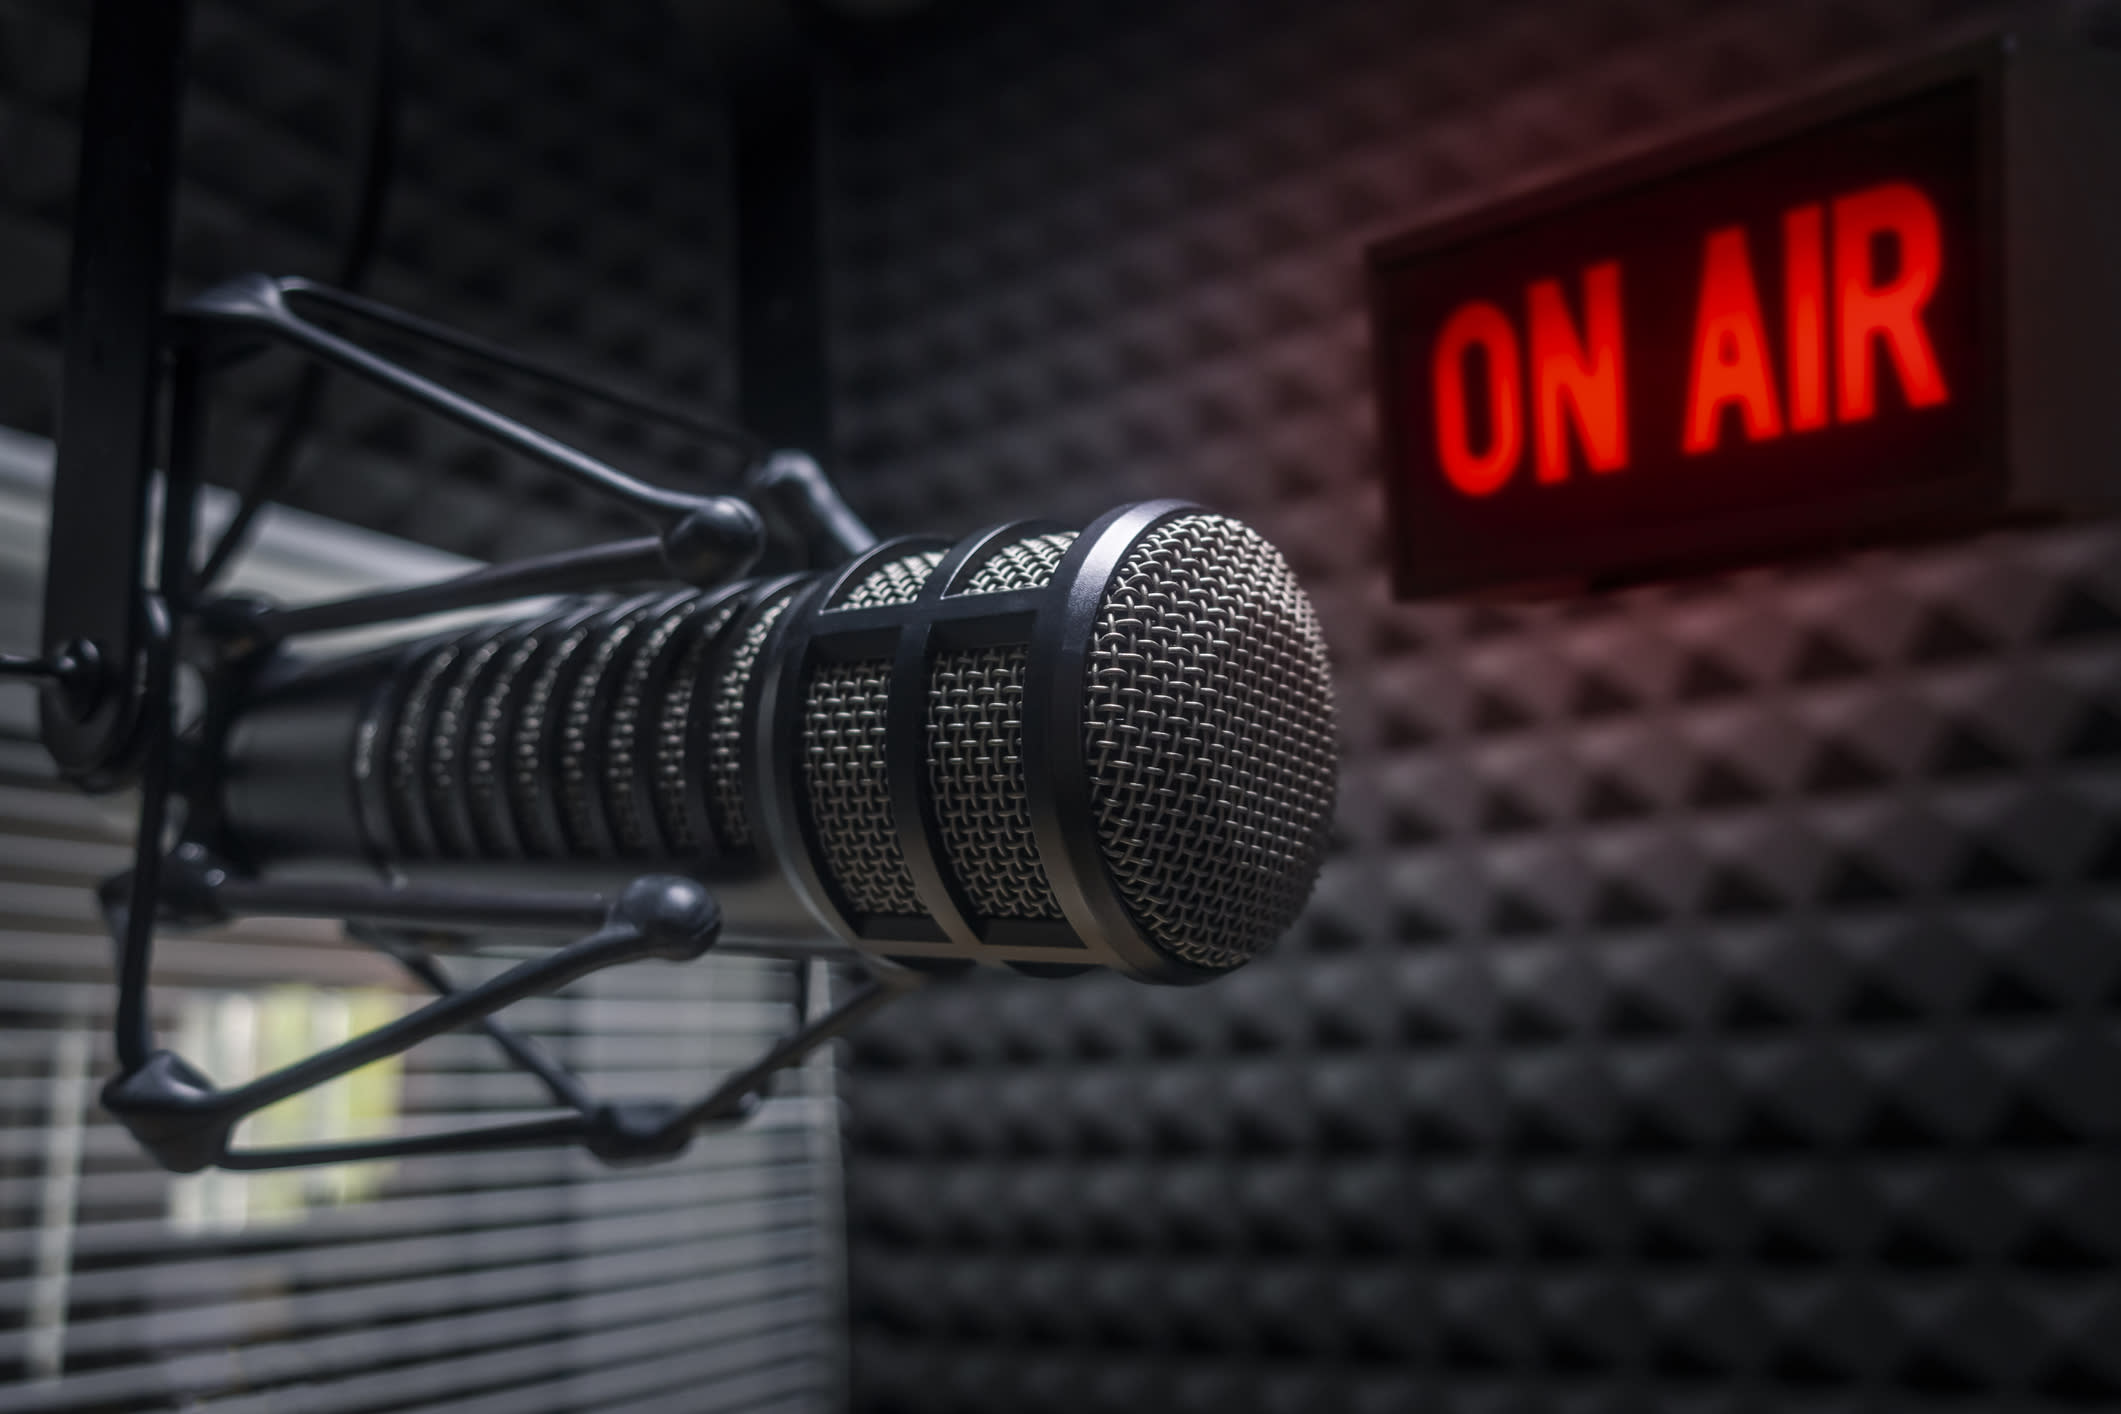 你有收聽廣播的習慣嗎?